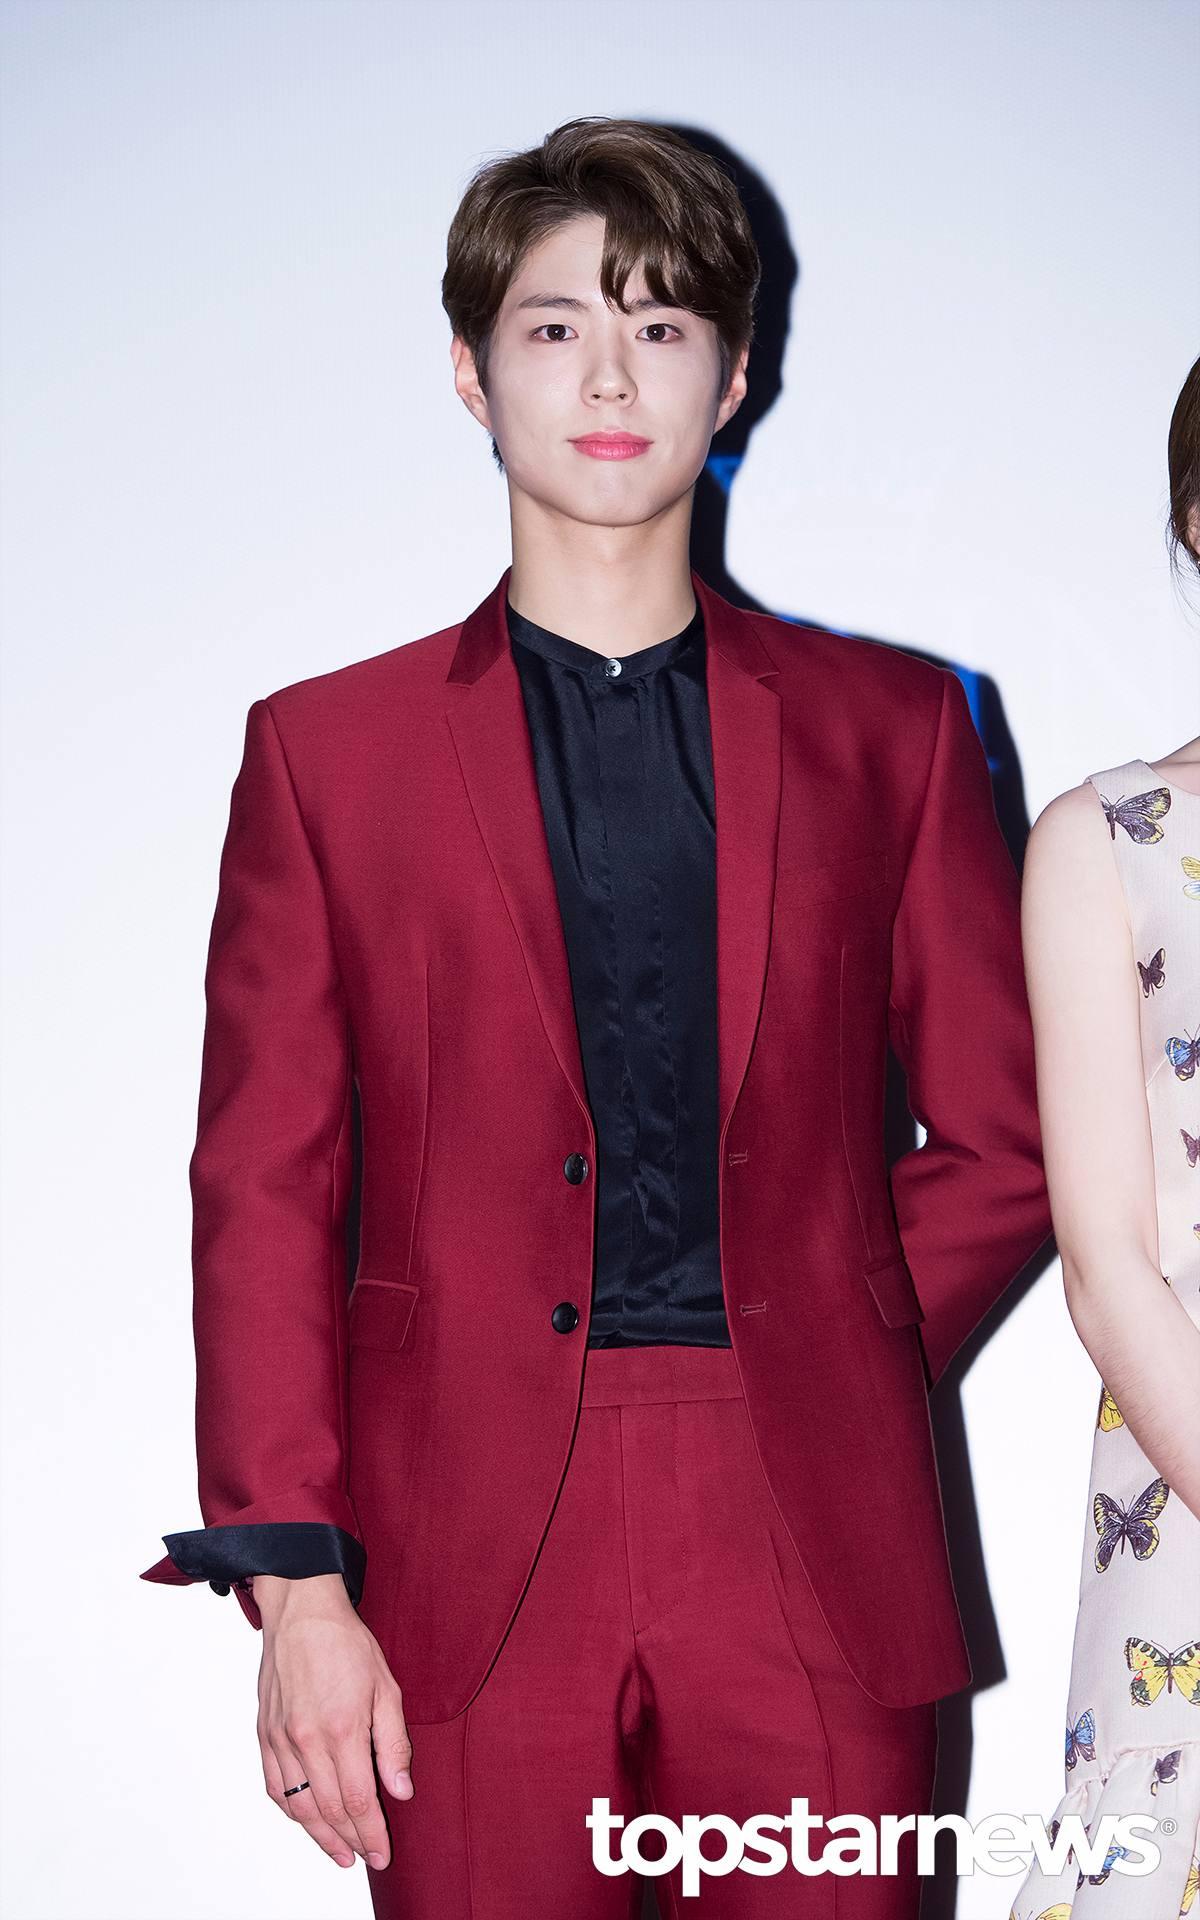 逗號瀏海?!酒紅色西裝讓他多了一點成熟的感覺,可以改叫歐霸嗎?